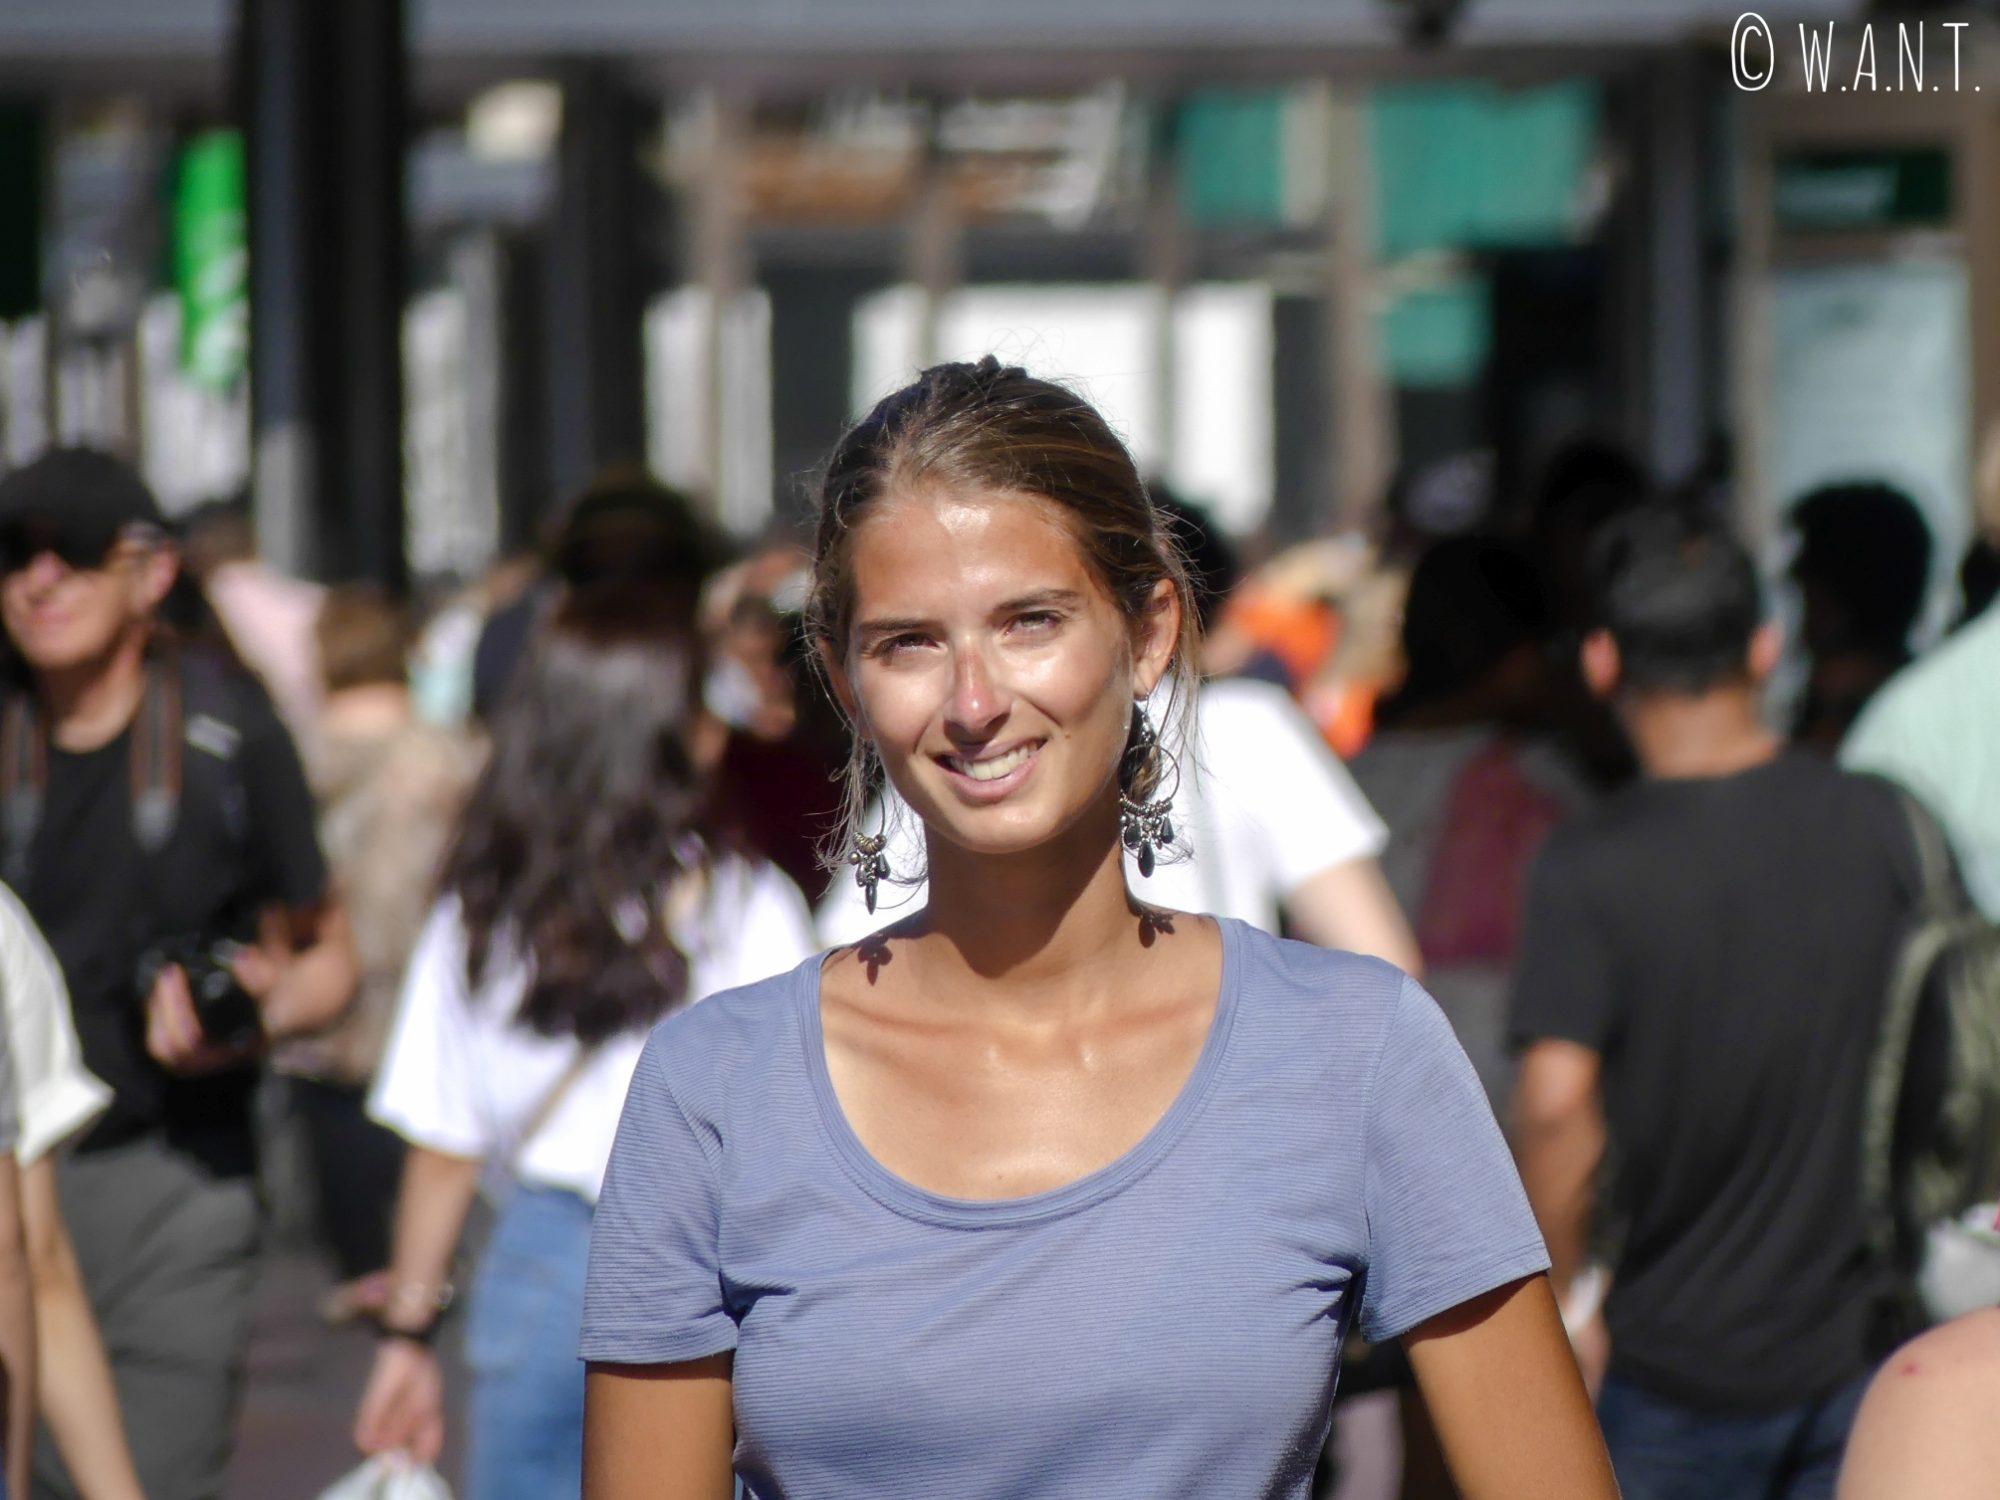 Marion au milieu de la foule sur Circular Quay à Sydney